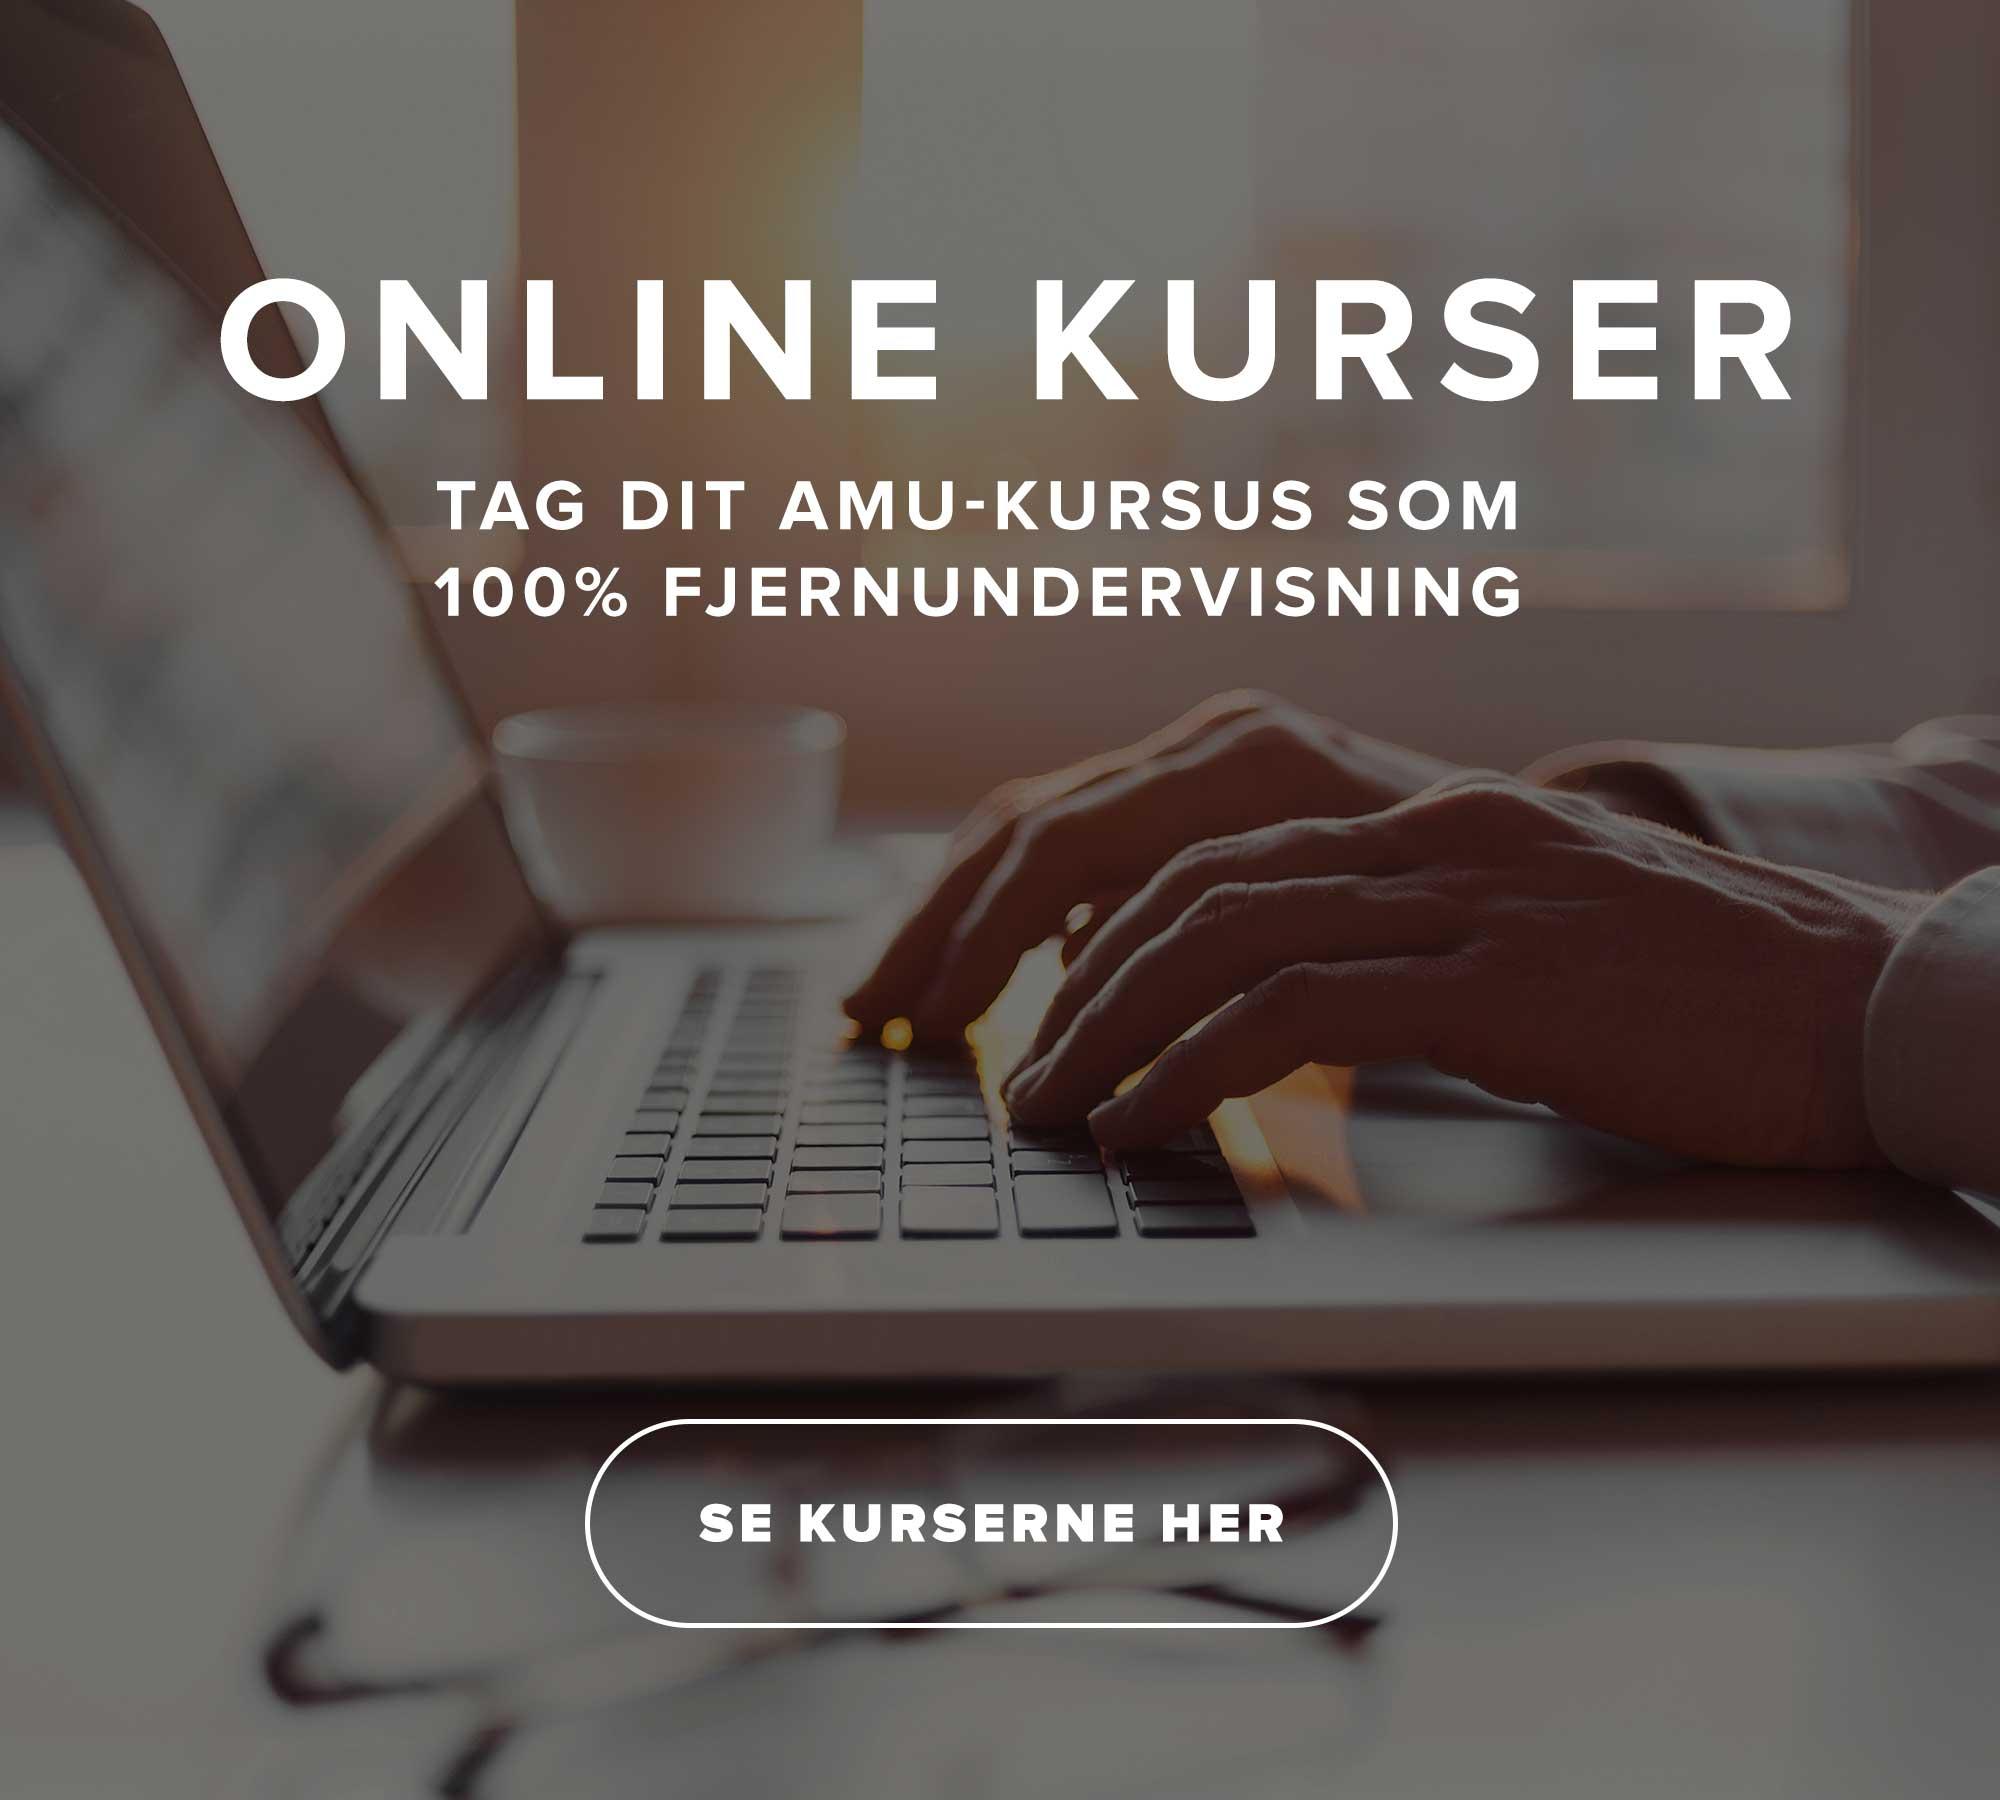 AMU online kurser - 100% fjernundervisning